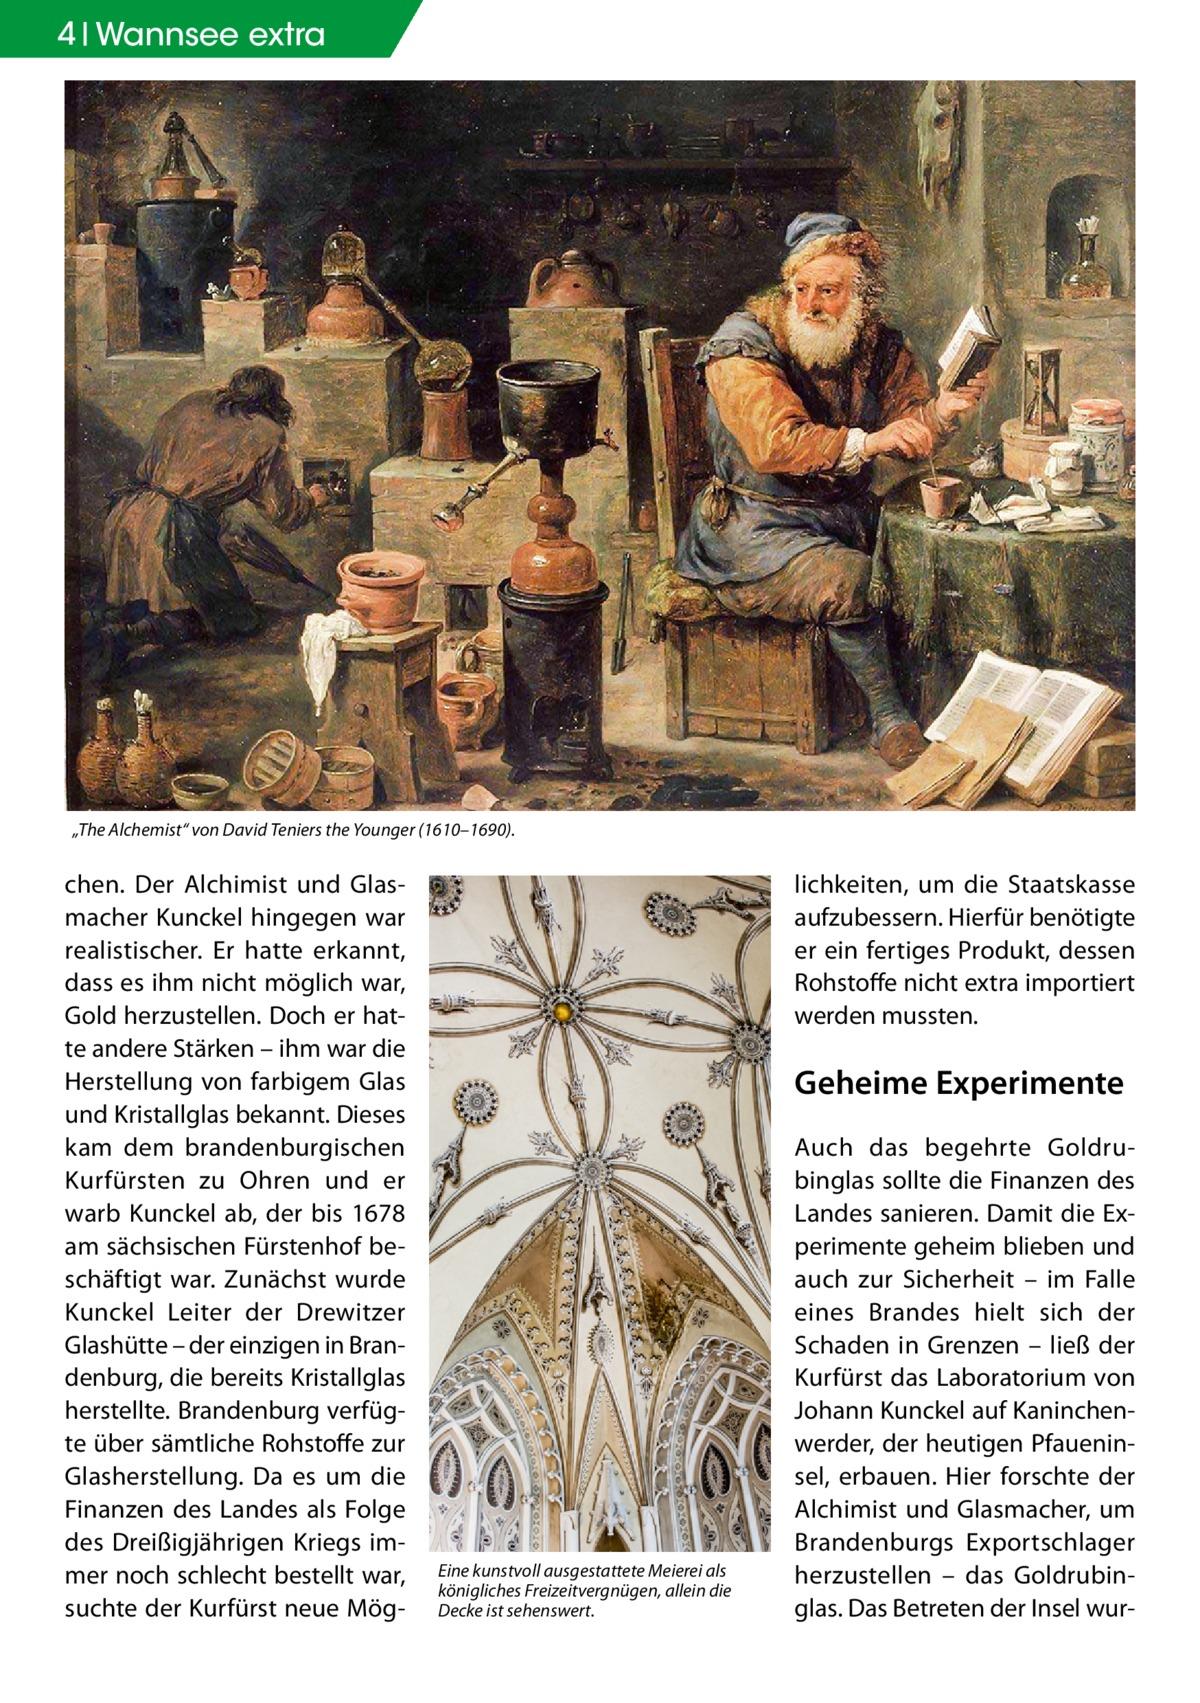 """4 Wannsee extra  """"The Alchemist"""" von David Teniers the Younger (1610–1690).  chen. Der Alchimist und Glasmacher Kunckel hingegen war realistischer. Er hatte erkannt, dass es ihm nicht möglich war, Gold herzustellen. Doch er hatte andere Stärken – ihm war die Herstellung von farbigem Glas und Kristallglas bekannt. Dieses kam dem brandenburgischen Kurfürsten zu Ohren und er warb Kunckel ab, der bis 1678 am sächsischen Fürstenhof beschäftigt war. Zunächst wurde Kunckel Leiter der Drewitzer Glashütte – der einzigen in Brandenburg, die bereits Kristallglas herstellte. Brandenburg verfügte über sämtliche Rohstoffe zur Glasherstellung. Da es um die Finanzen des Landes als Folge des Dreißigjährigen Kriegs immer noch schlecht bestellt war, suchte der Kurfürst neue Mög lichkeiten, um die Staatskasse aufzubessern. Hierfür benötigte er ein fertiges Produkt, dessen Rohstoffe nicht extra importiert werden mussten.  Geheime Experimente  Eine kunstvoll ausgestattete Meierei als königliches Freizeitvergnügen, allein die Decke ist sehenswert.  Auch das begehrte Goldrubinglas sollte die Finanzen des Landes sanieren. Damit die Experimente geheim blieben und auch zur Sicherheit – im Falle eines Brandes hielt sich der Schaden in Grenzen – ließ der Kurfürst das Laboratorium von Johann Kunckel auf Kaninchenwerder, der heutigen Pfaueninsel, erbauen. Hier forschte der Alchimist und Glasmacher, um Brandenburgs Exportschlager herzustellen – das Goldrubinglas. Das Betreten der Insel wu"""